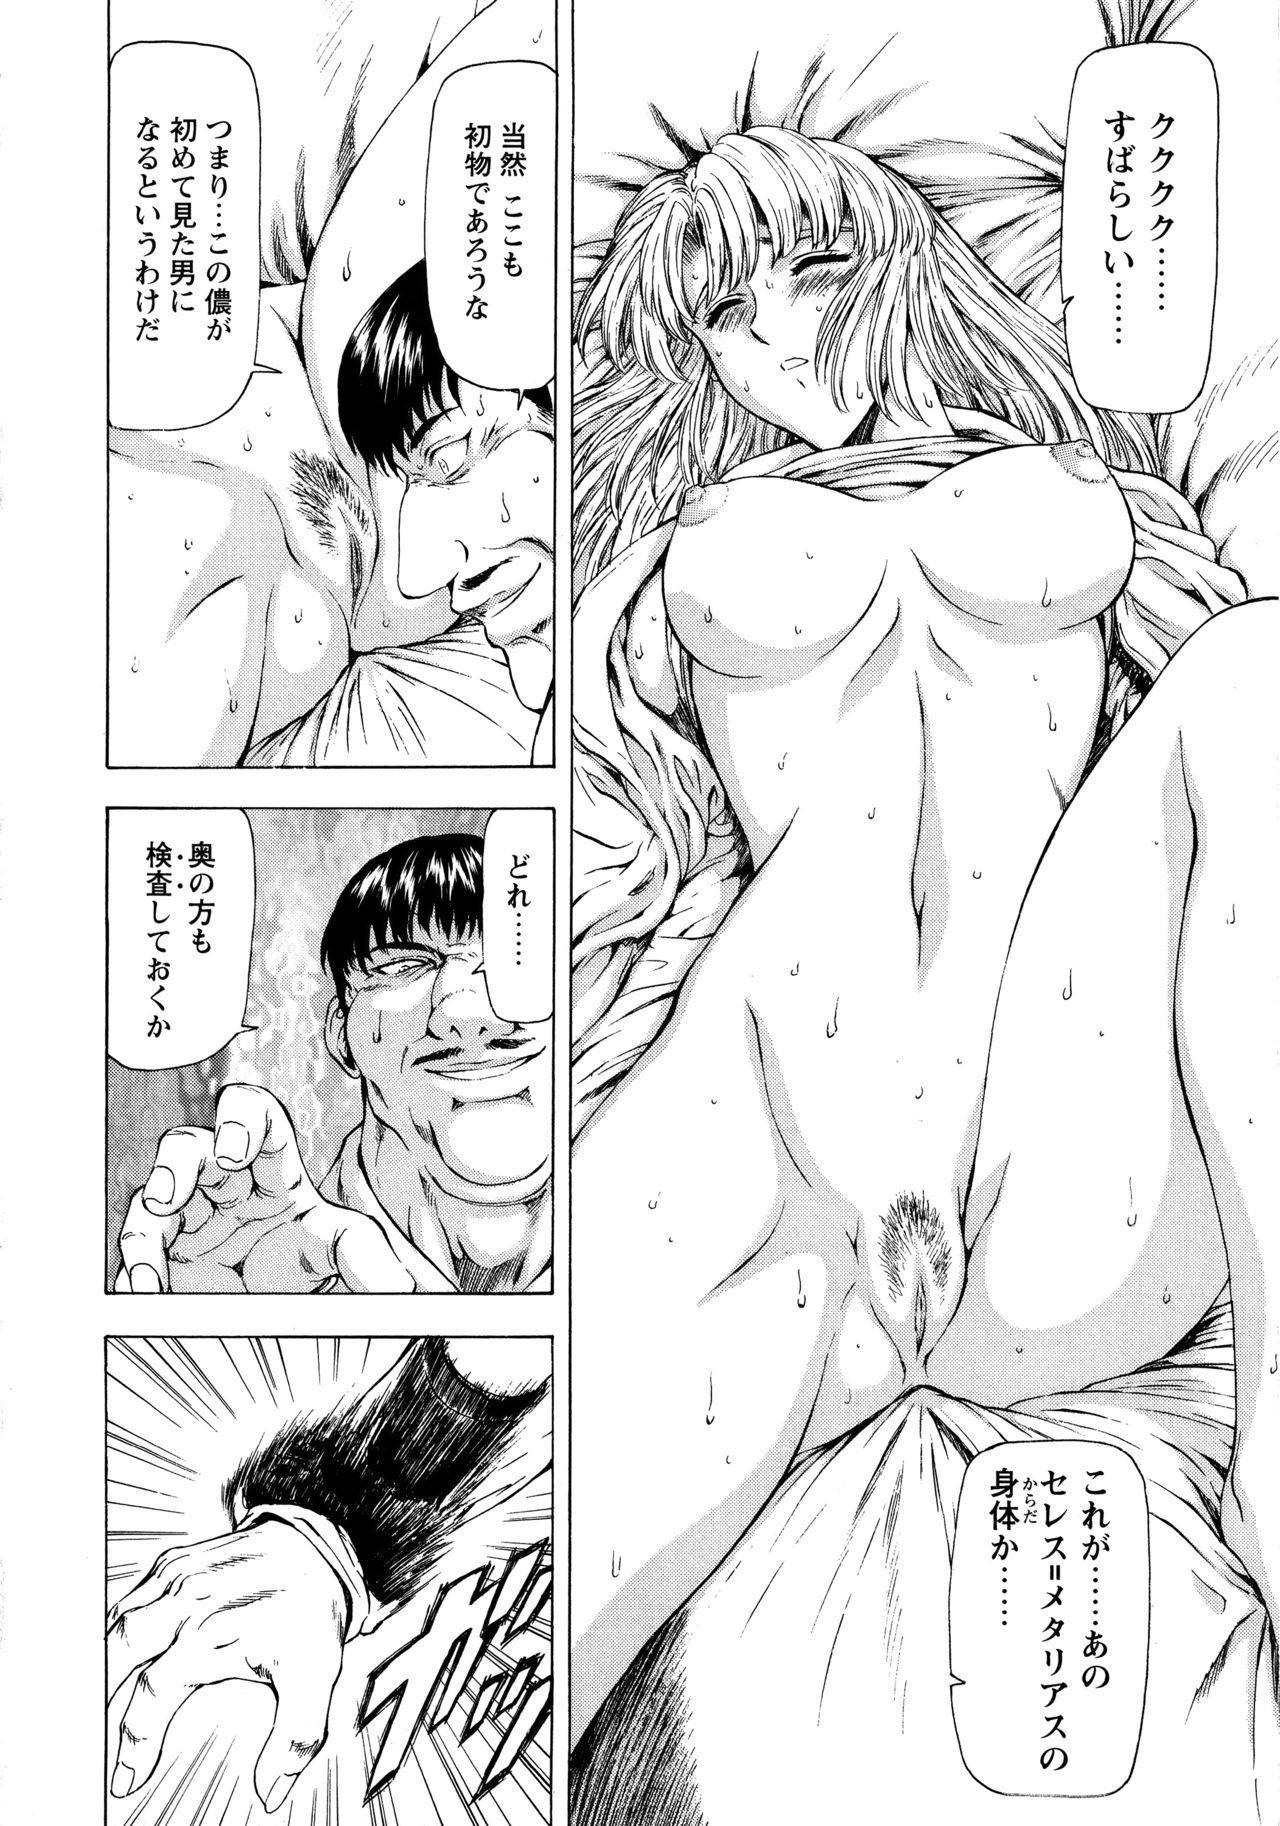 Ginryuu no Reimei Vol. 1 111